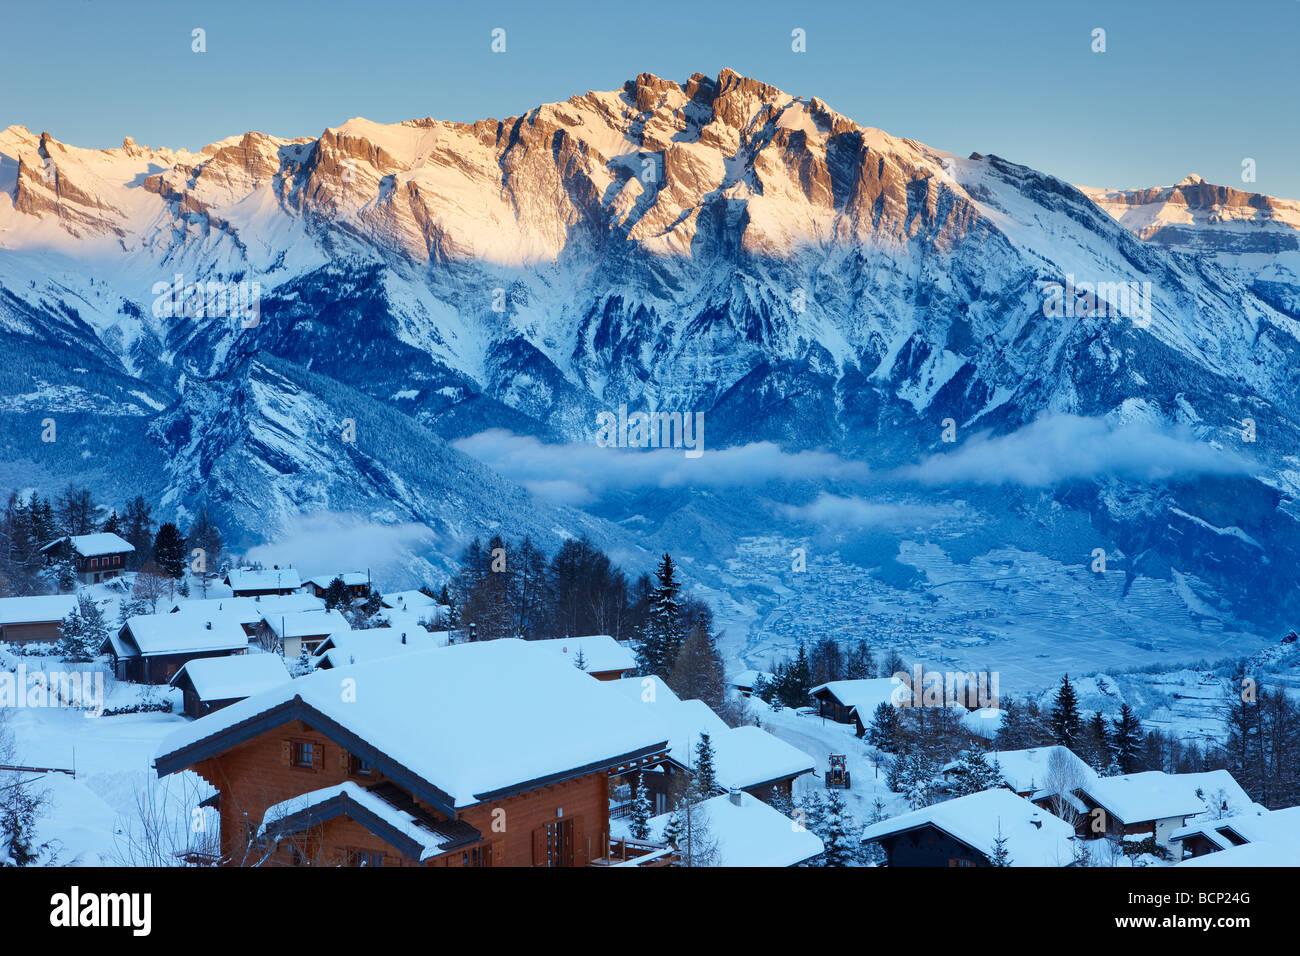 Une neige fraîche sur le village alpin de la Tzoumas à l'aube, avec Iserables et au-delà de la Photo Stock